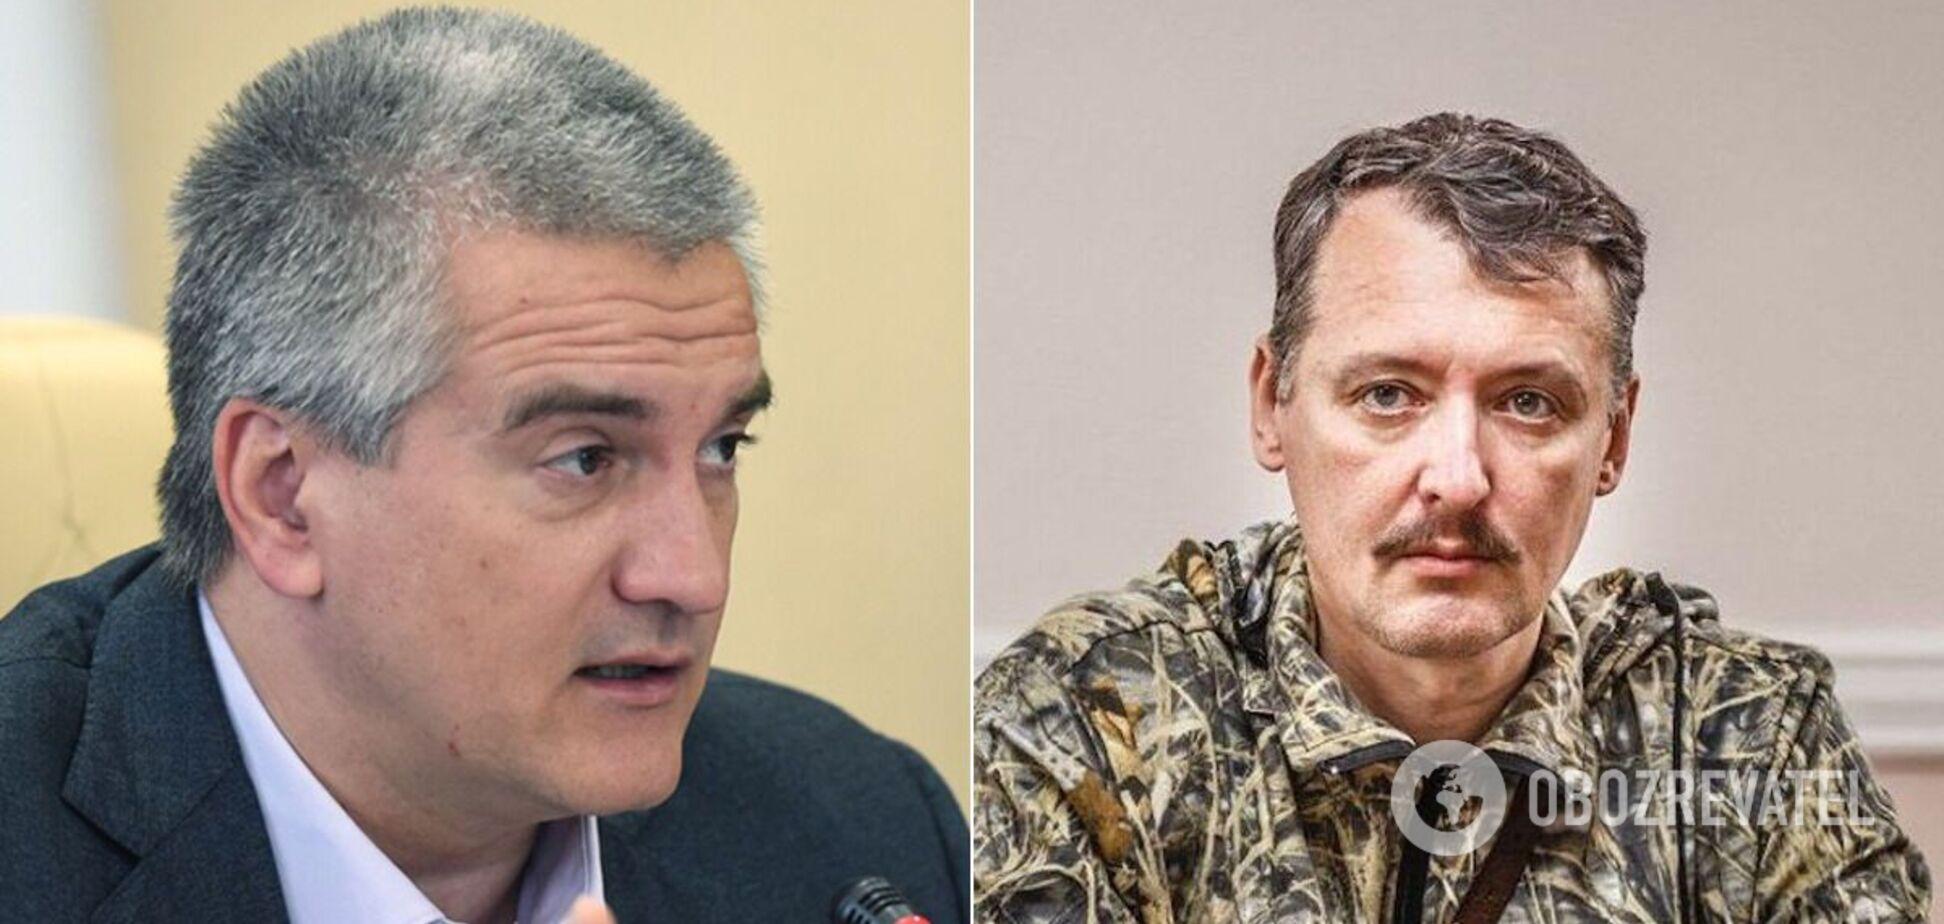 Аксенов вел переговоры с Гиркиным о помощи в оккупации Донбасса